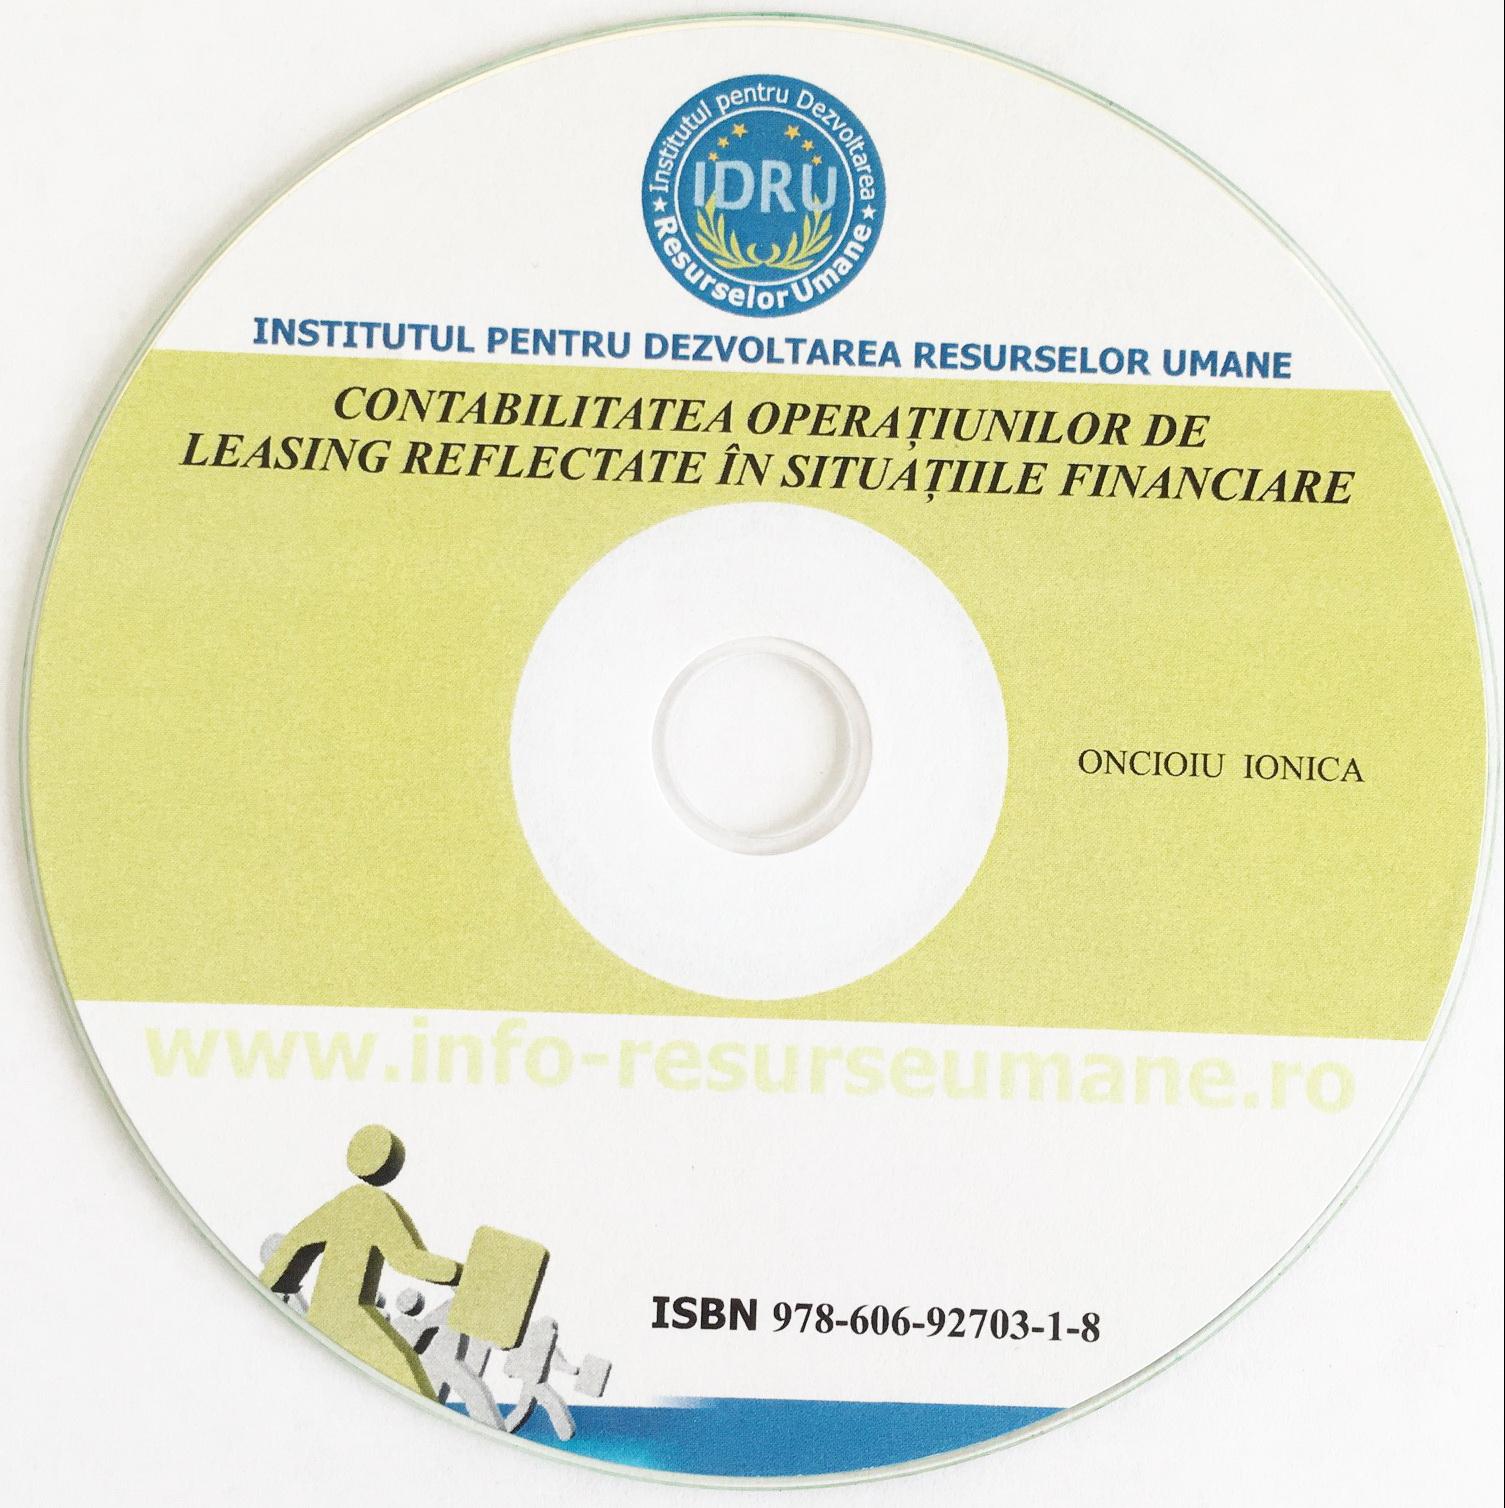 Contabilitatea operatiunilor de leasing reflectate in situatiile financiare